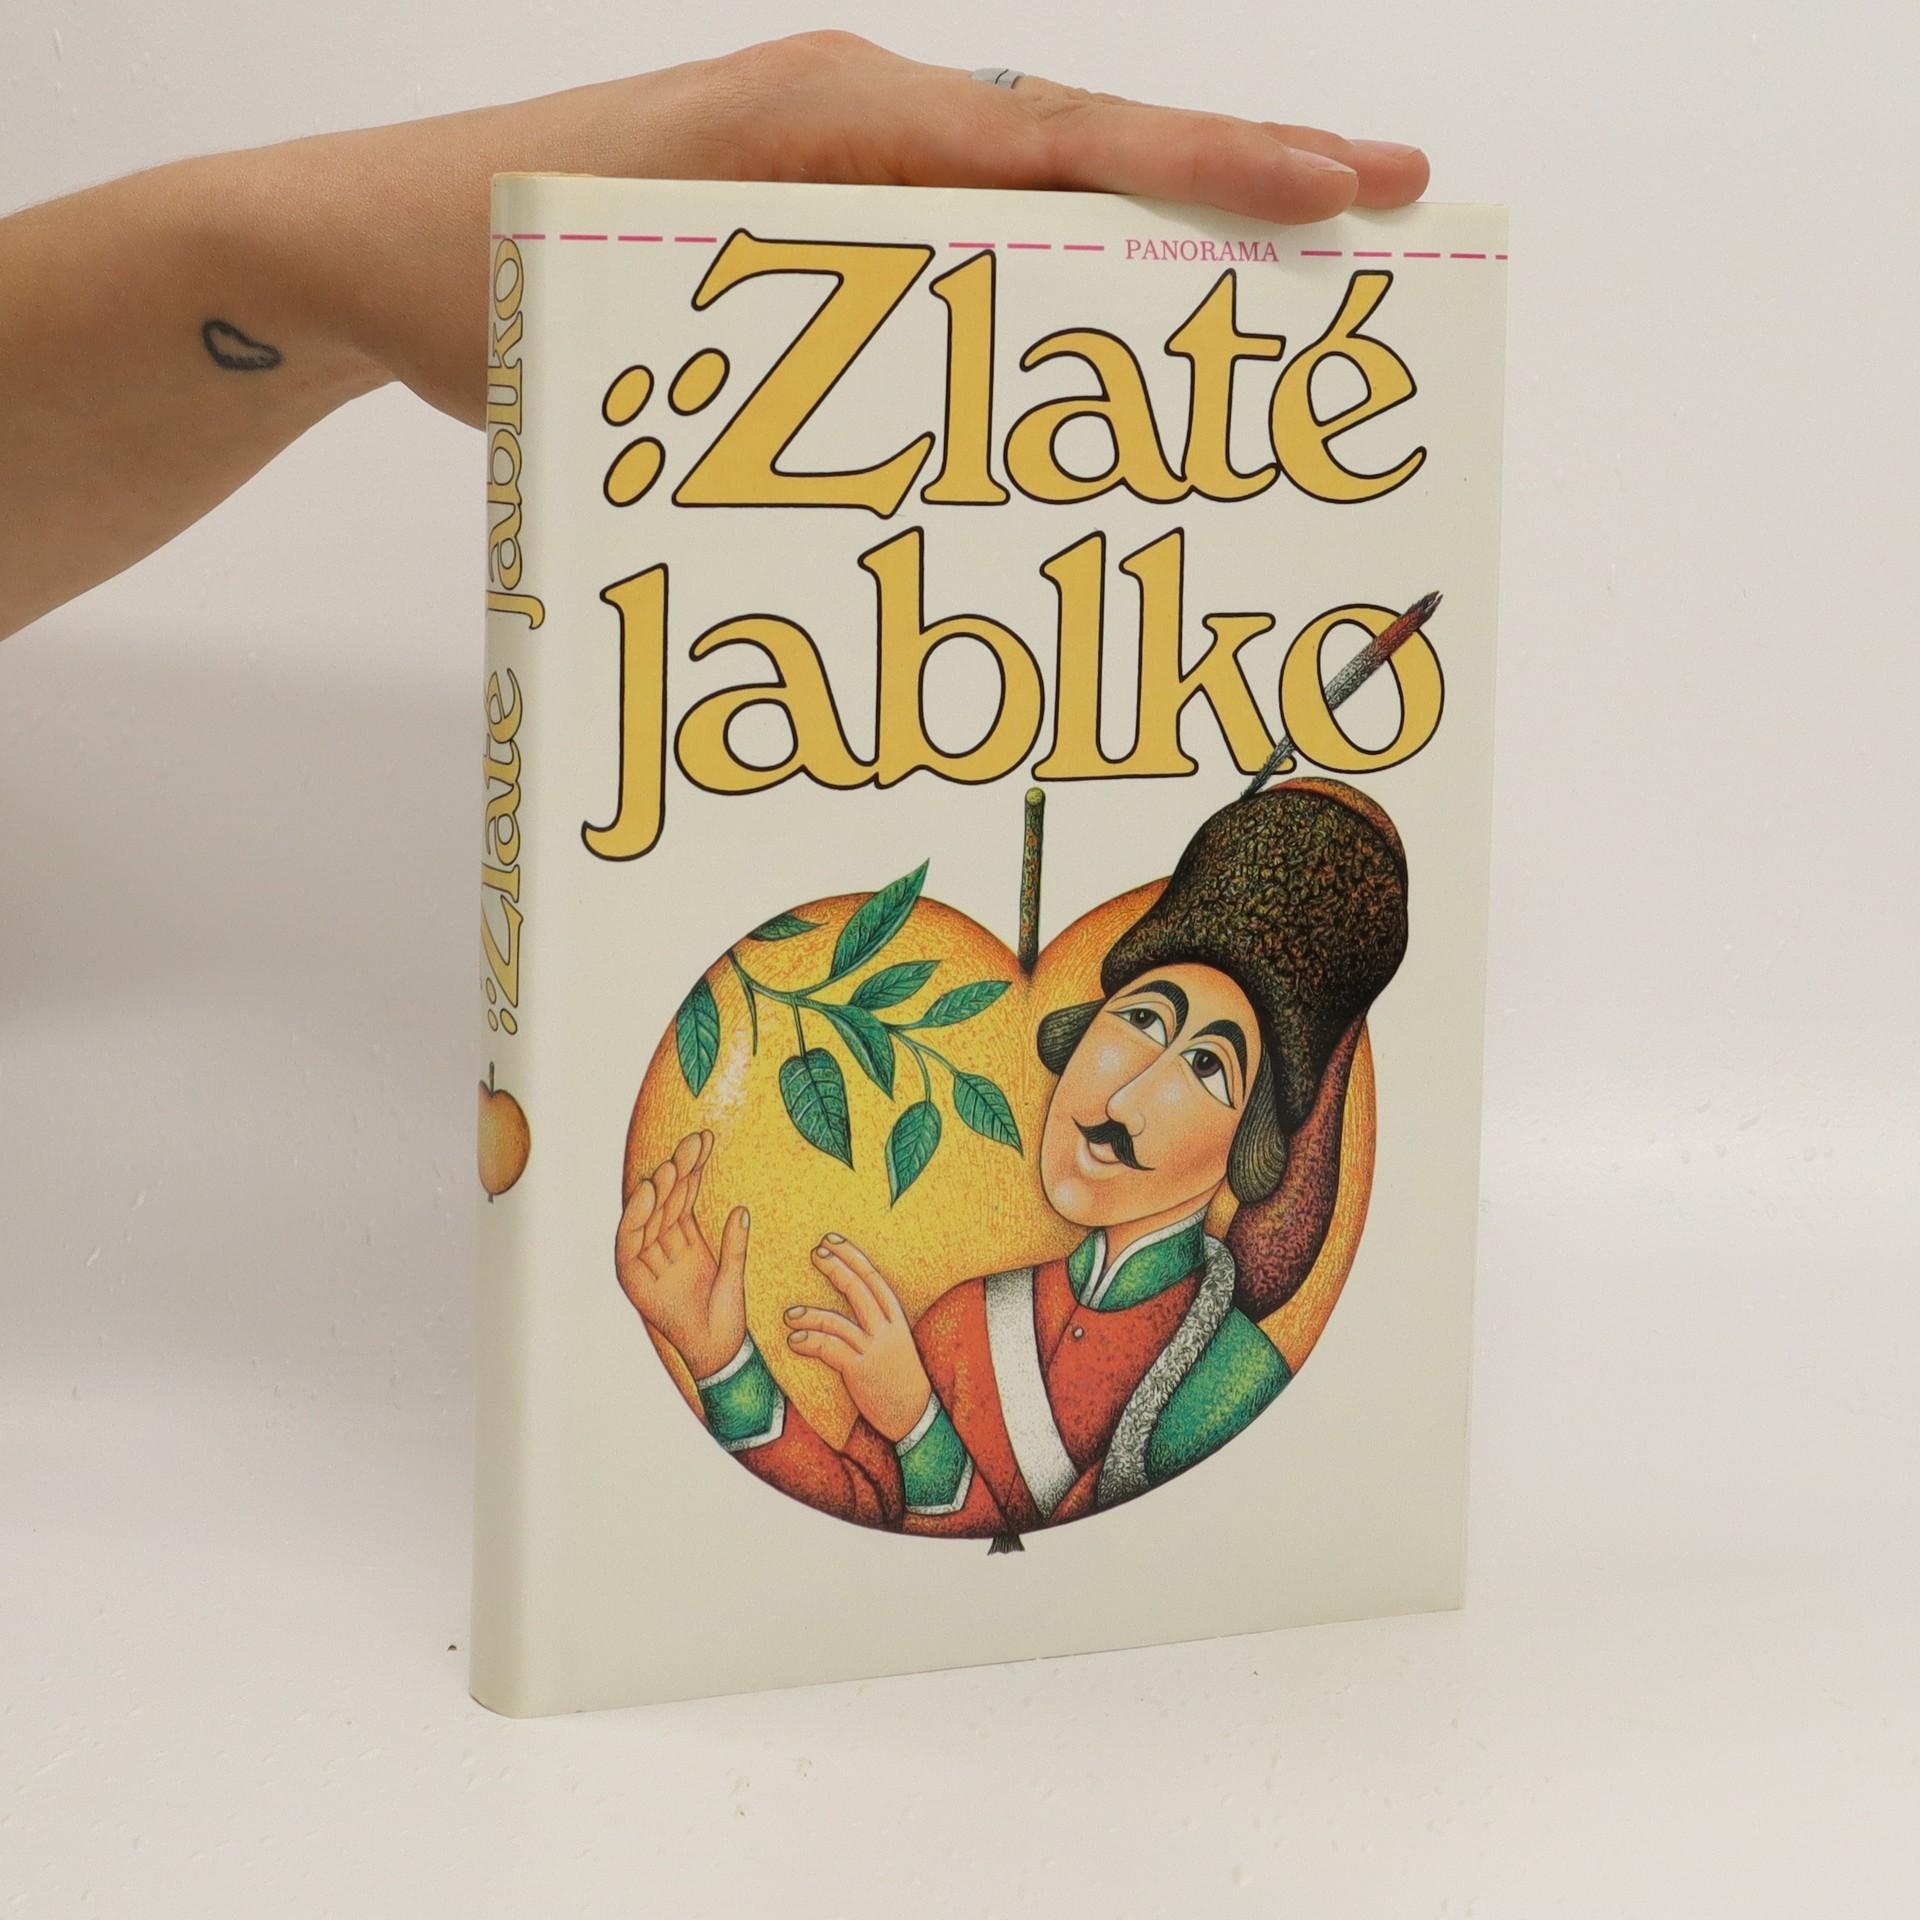 antikvární kniha Zlaté jablko, 1986